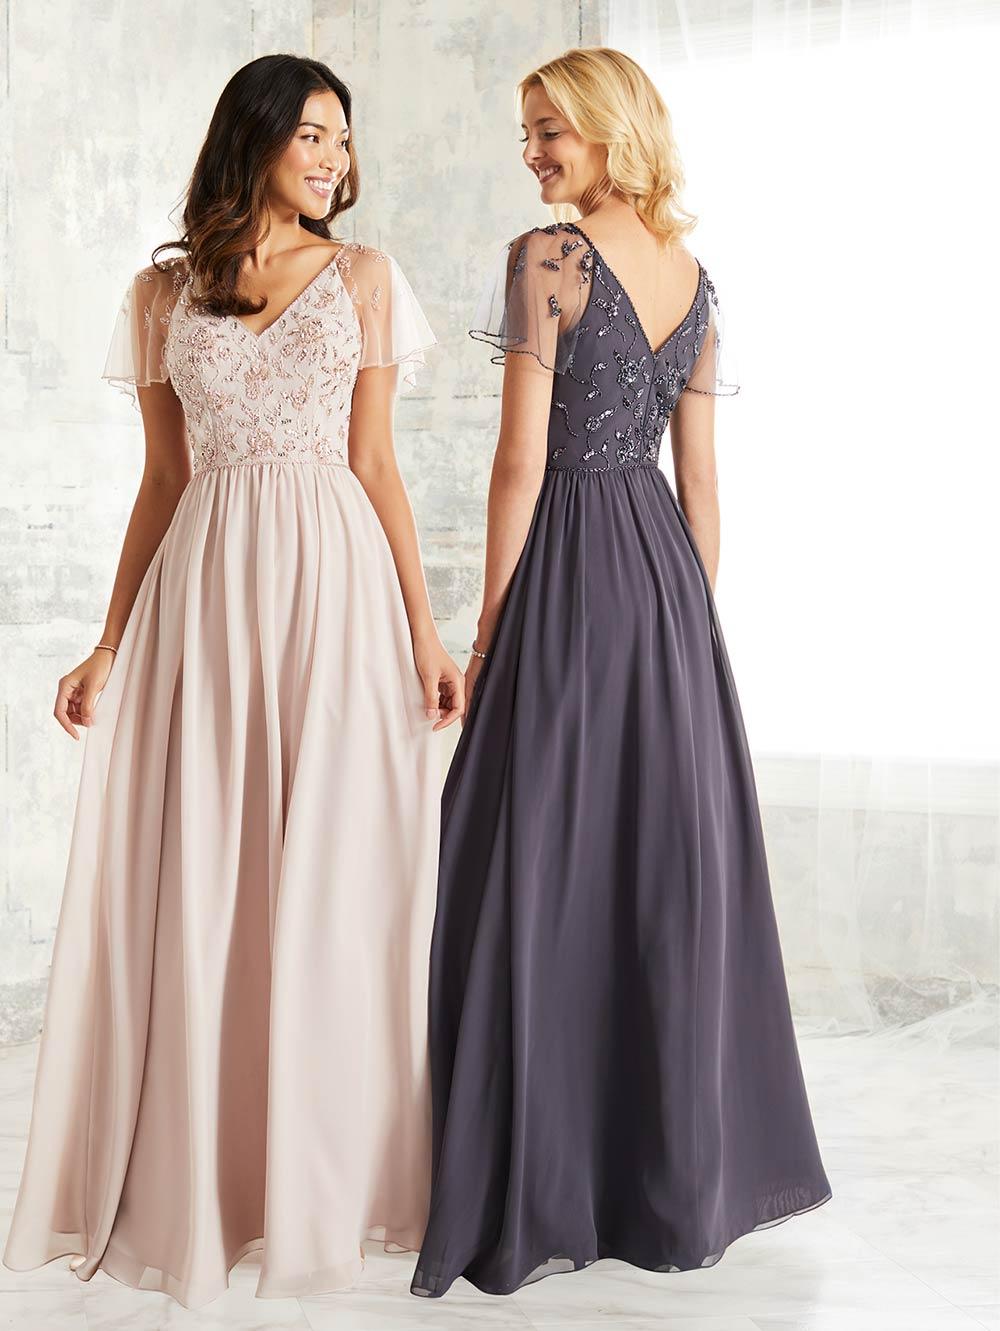 bridesmaid-dresses-adrianna-papell-platinum-27855